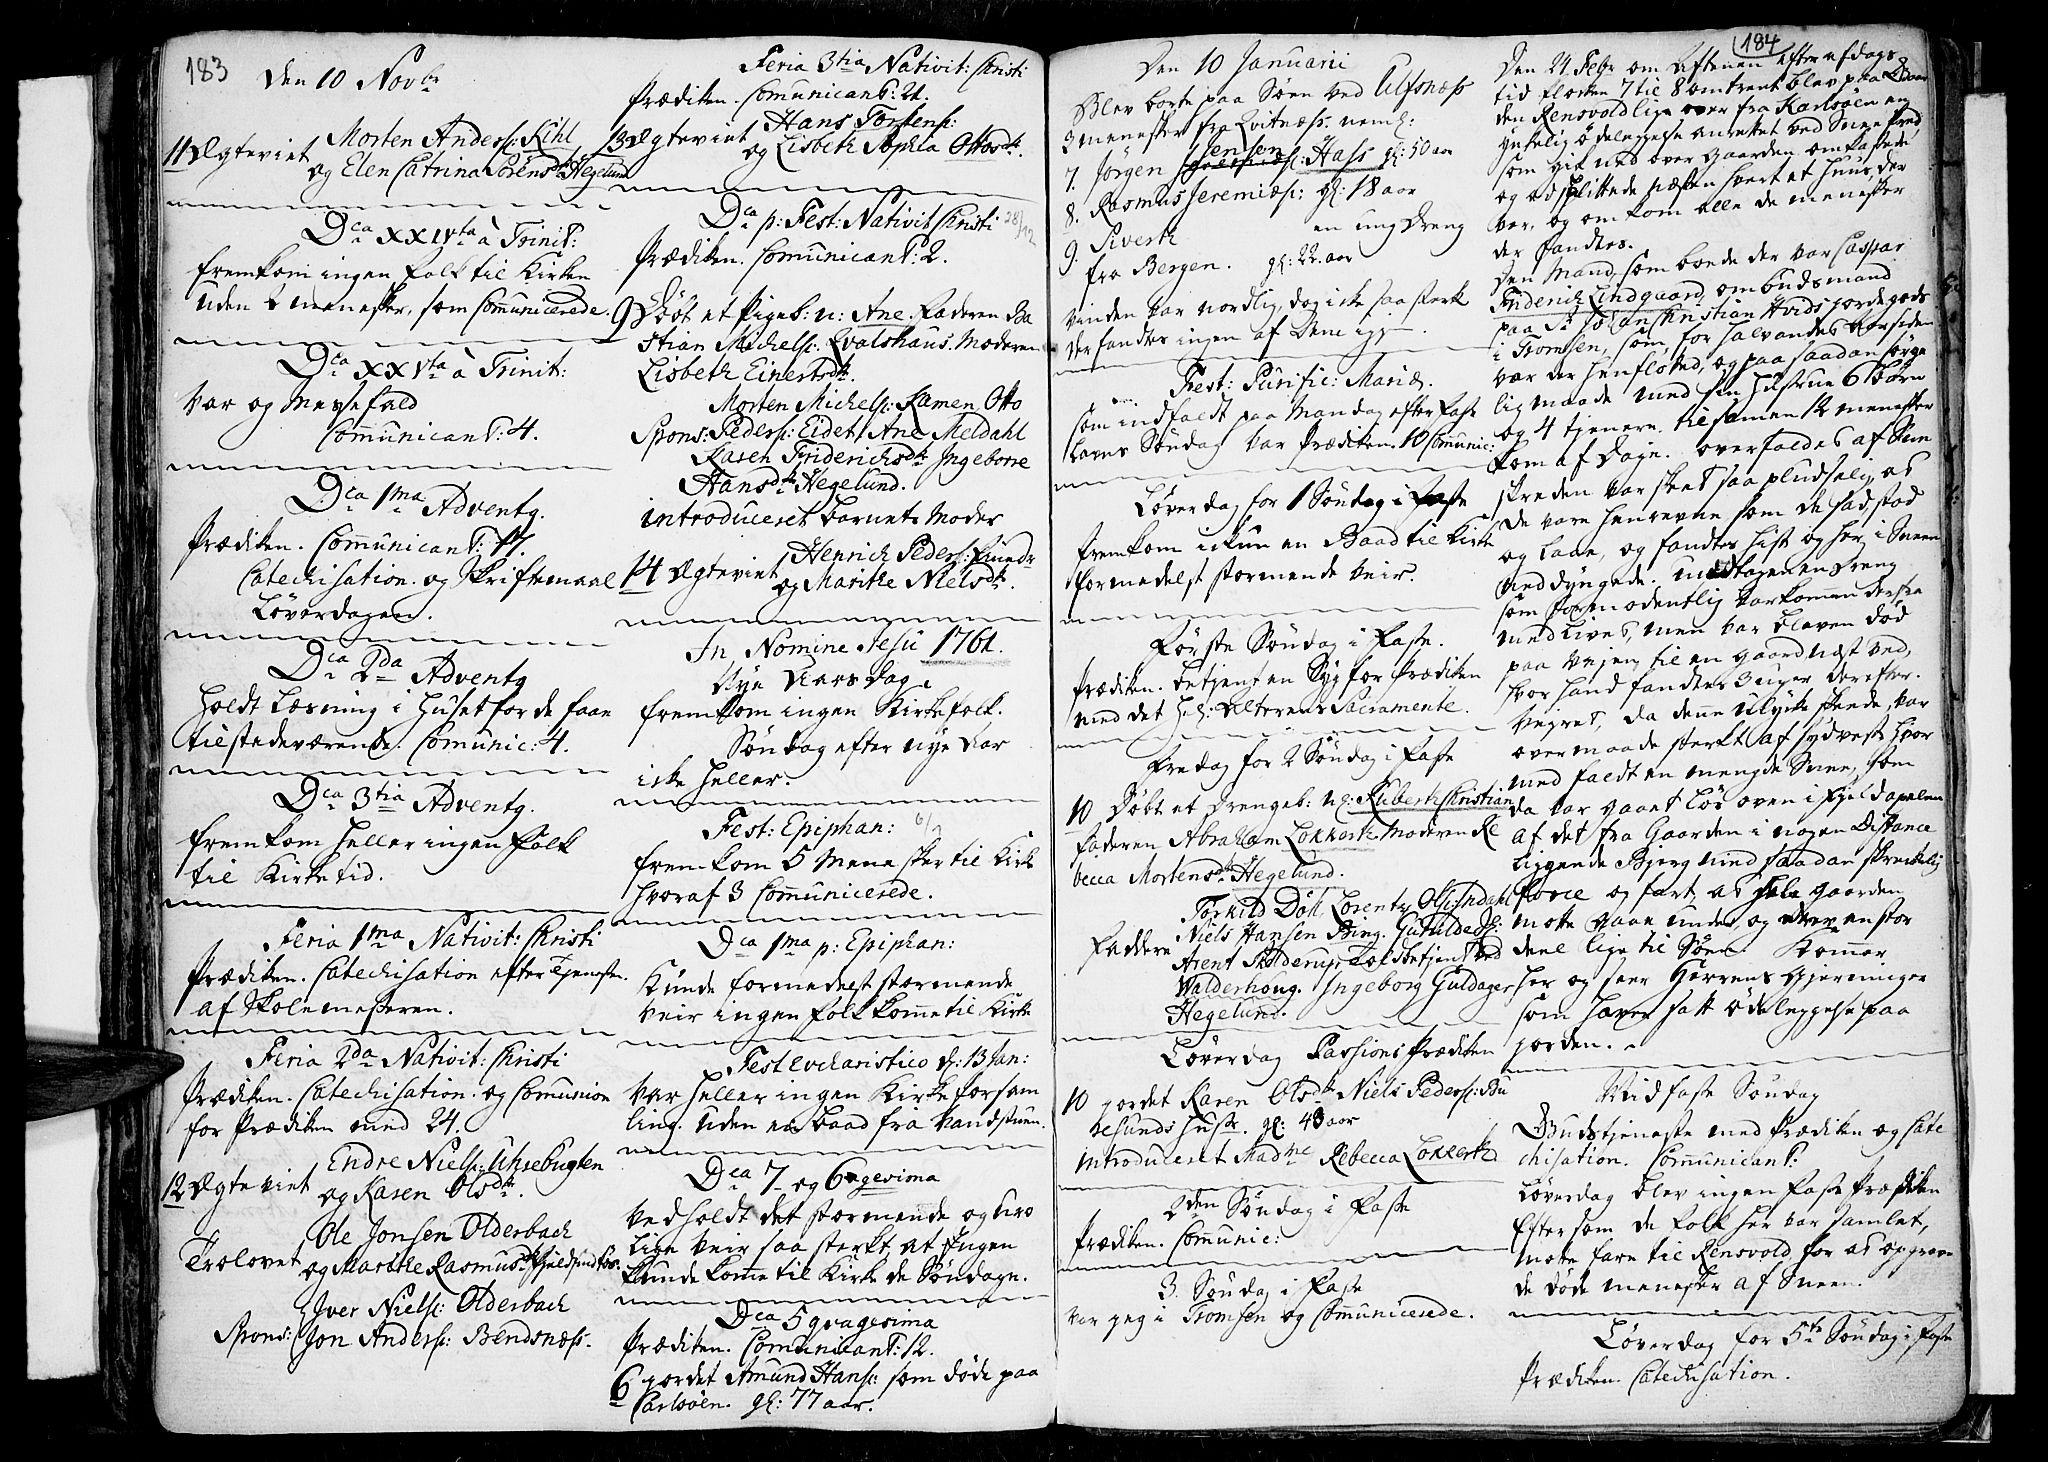 SATØ, Tromsø sokneprestkontor/stiftsprosti/domprosti, G/Ga/L0001kirke: Ministerialbok nr. 1, 1709-1771, s. 183-184